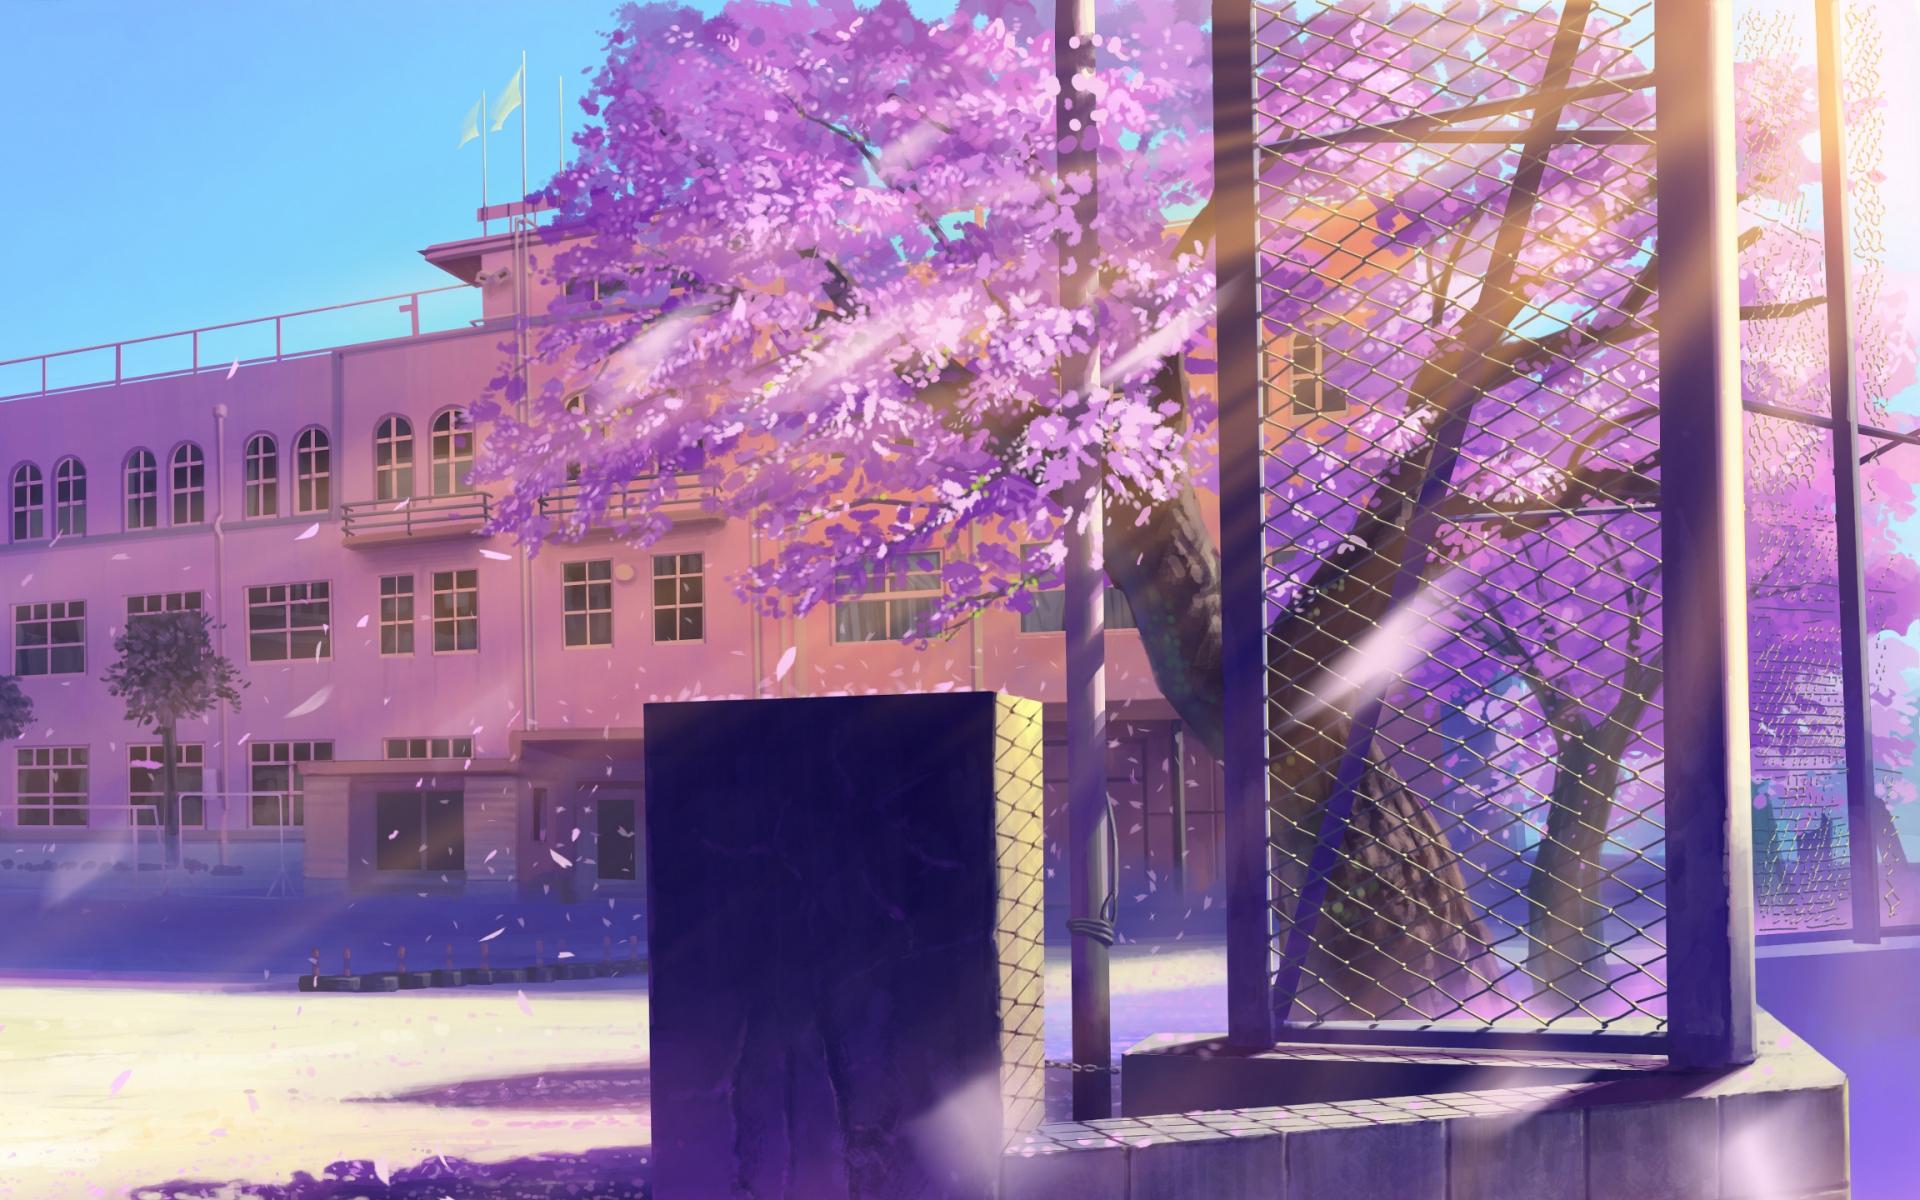 Картинки Аниме, школа, зимняя улица фото и обои на рабочий стол